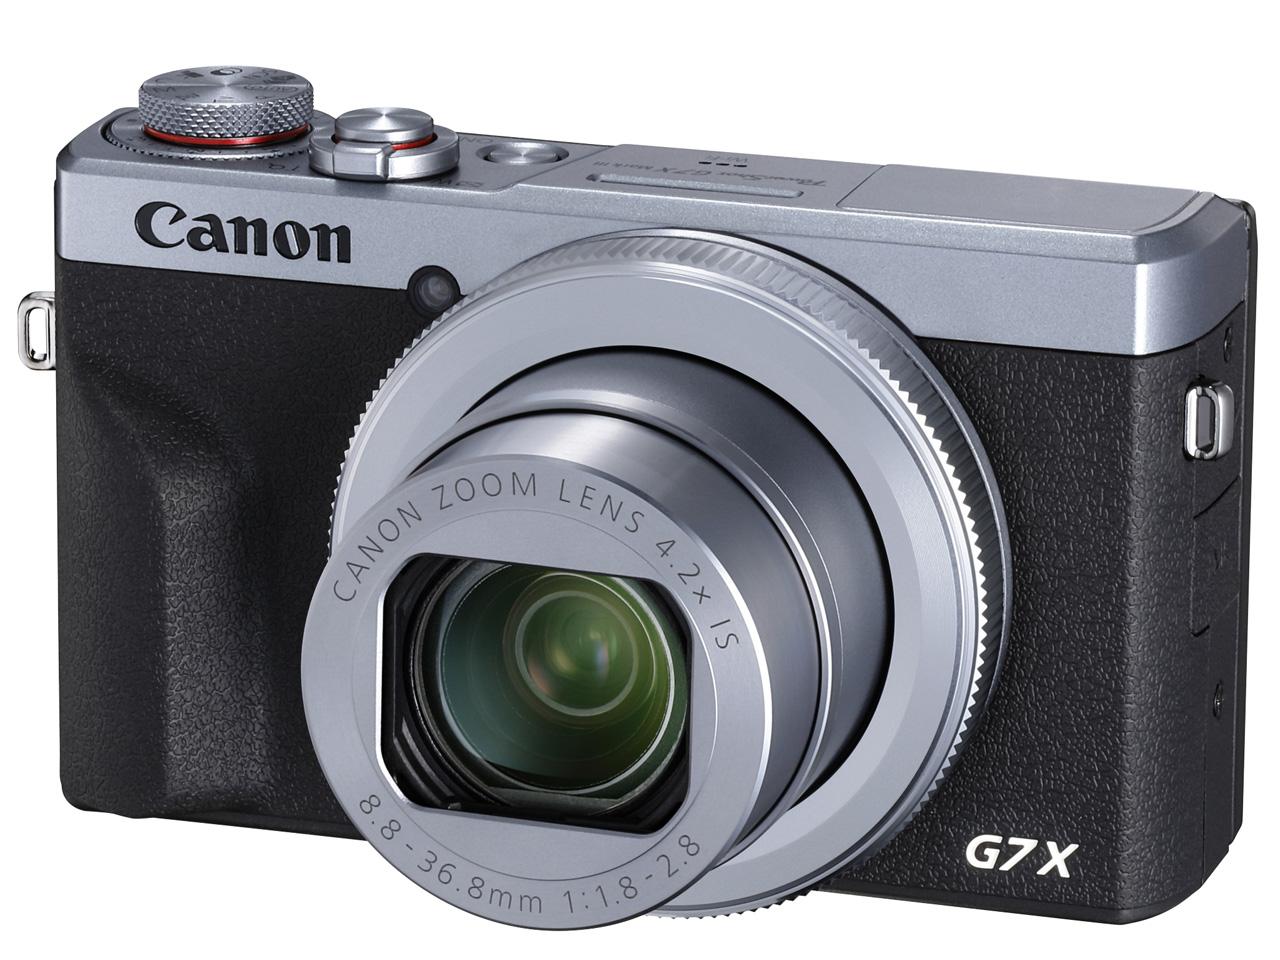 【在庫あり】CANON G7X Mark III [シルバー]デジタルカメラ JAN:4549292137804